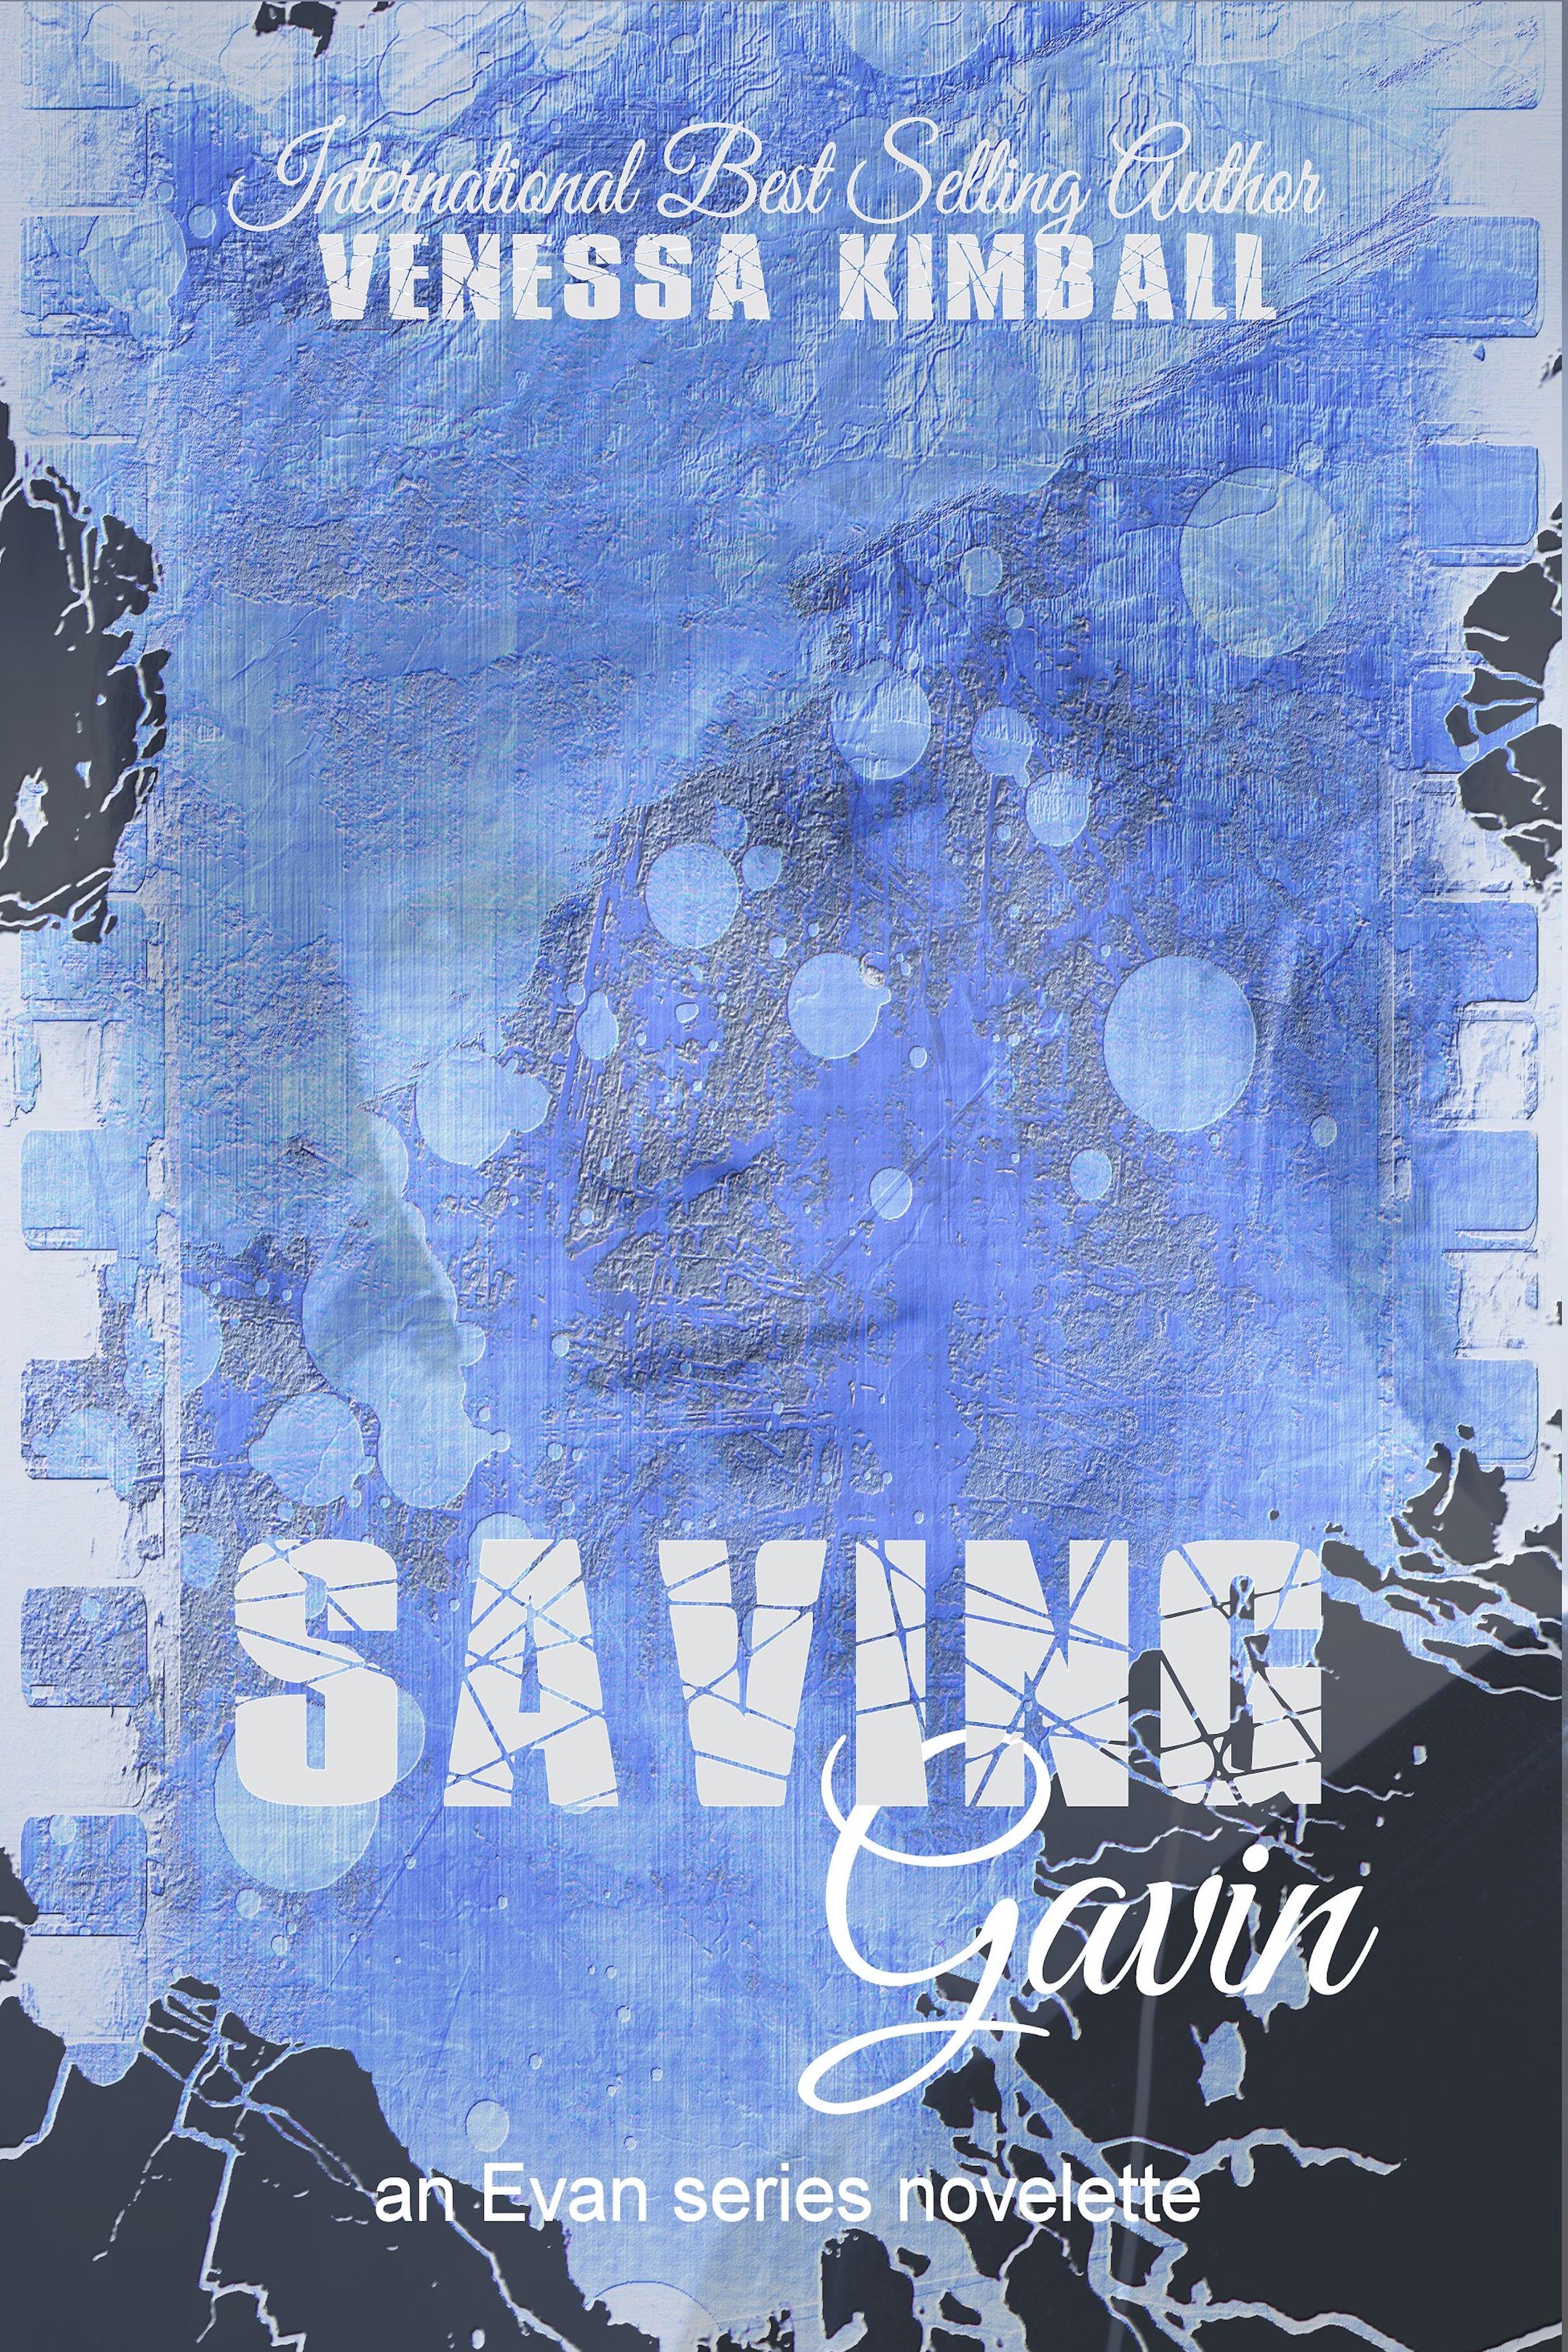 SAVING GAVIN